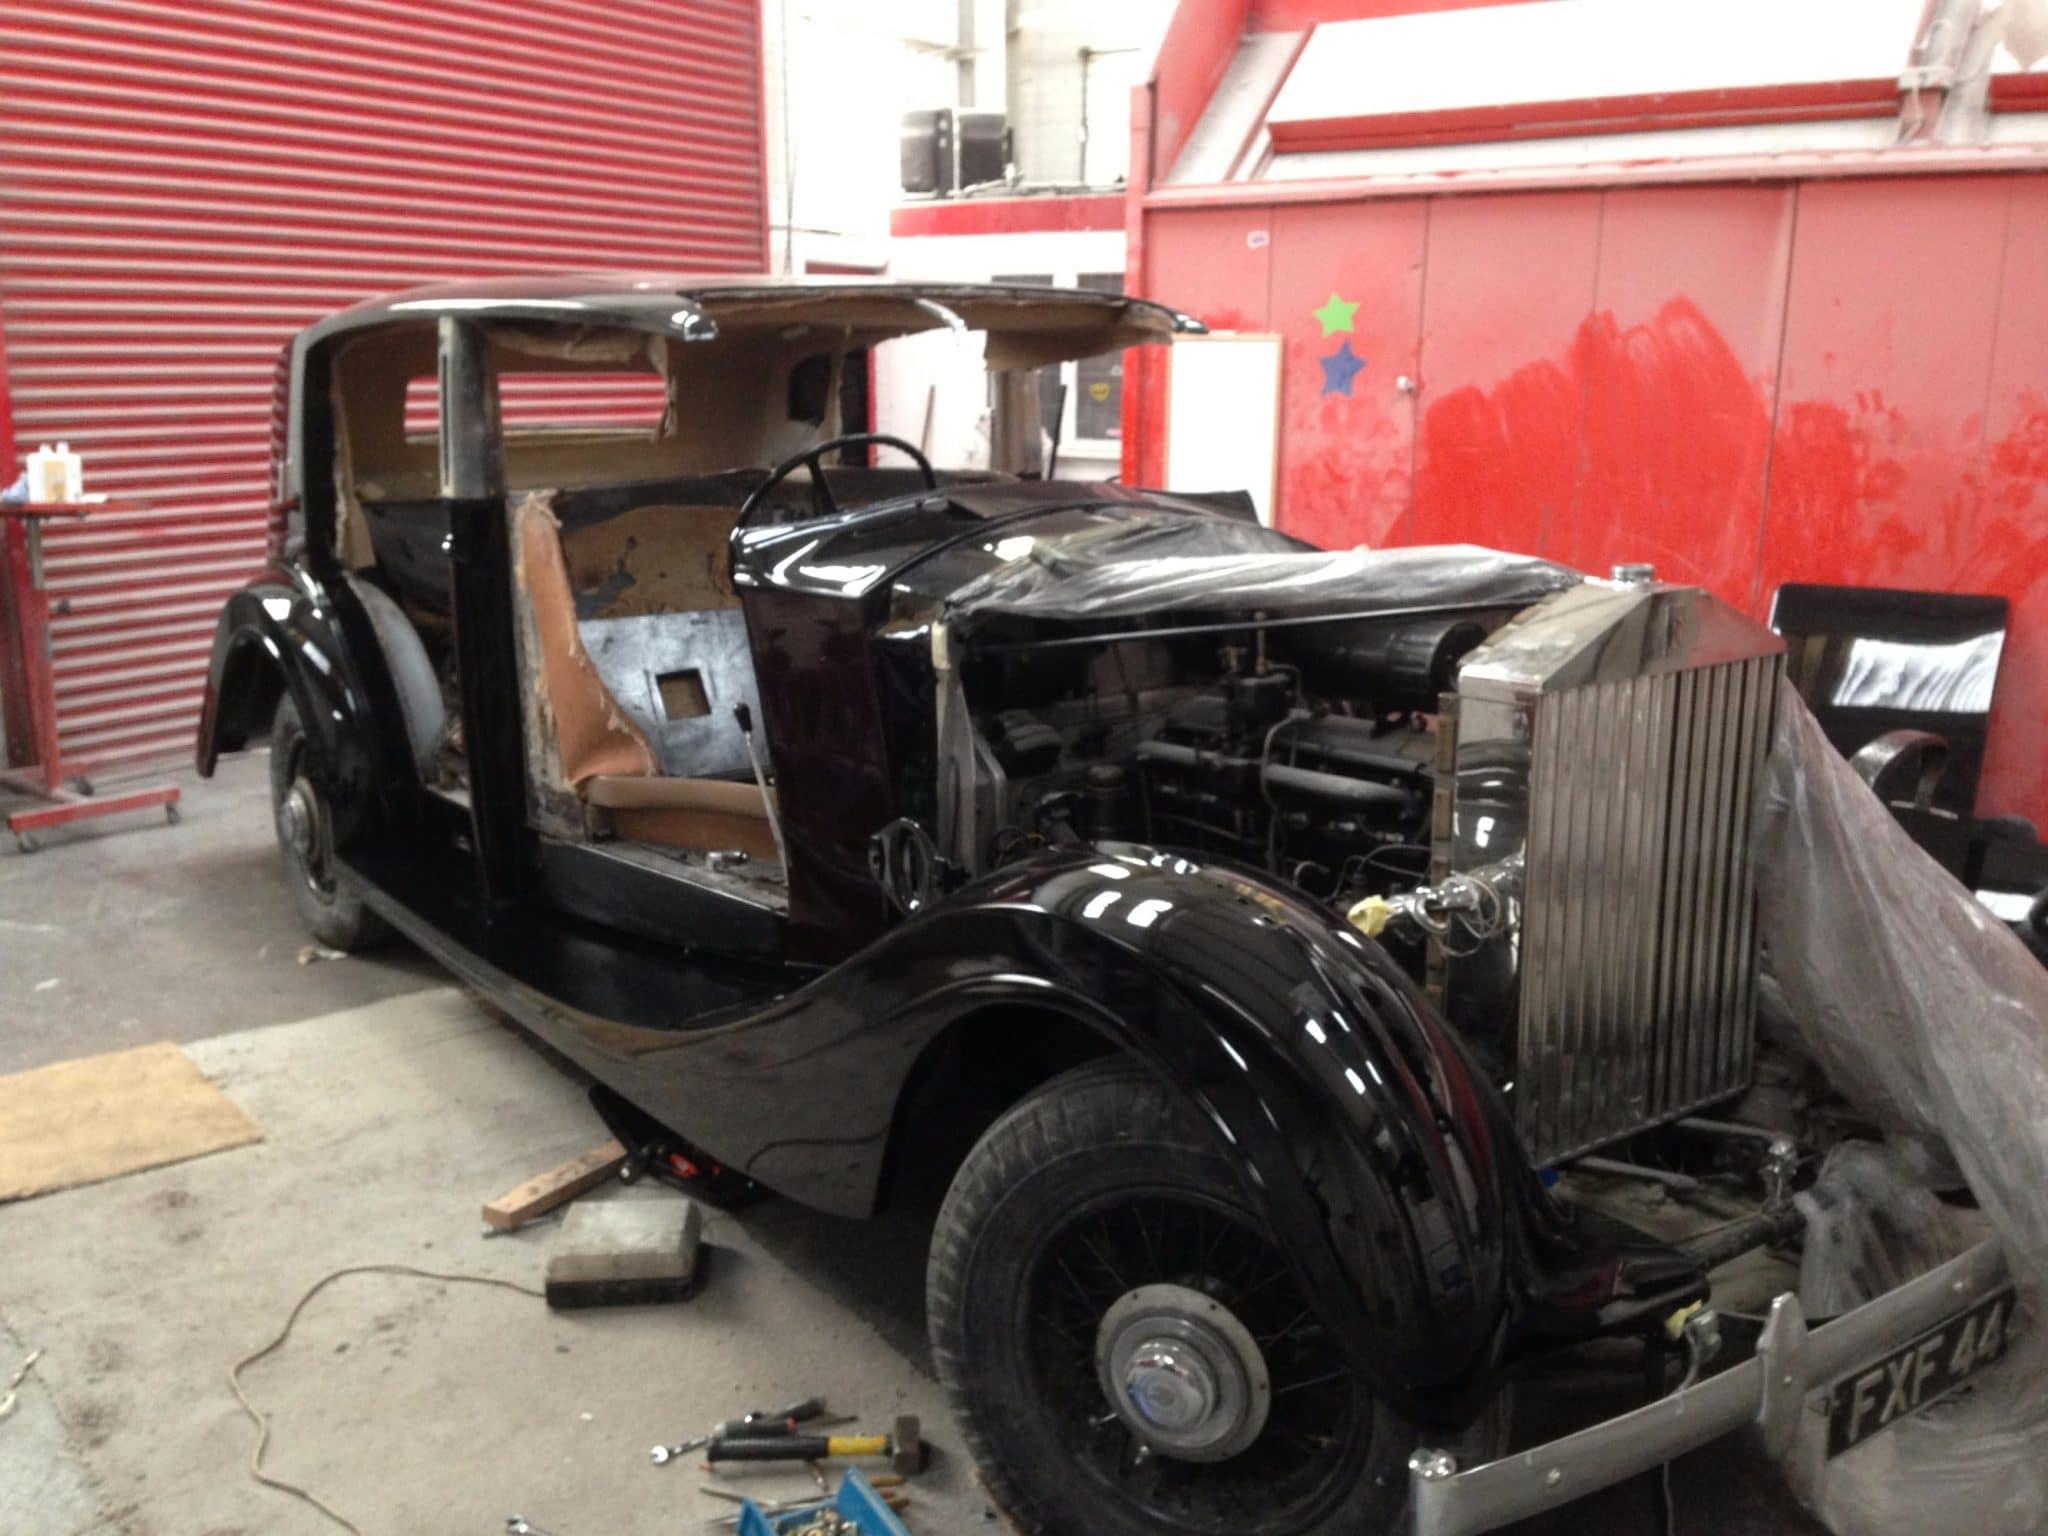 Rolls Royce pps restoration - black in progress